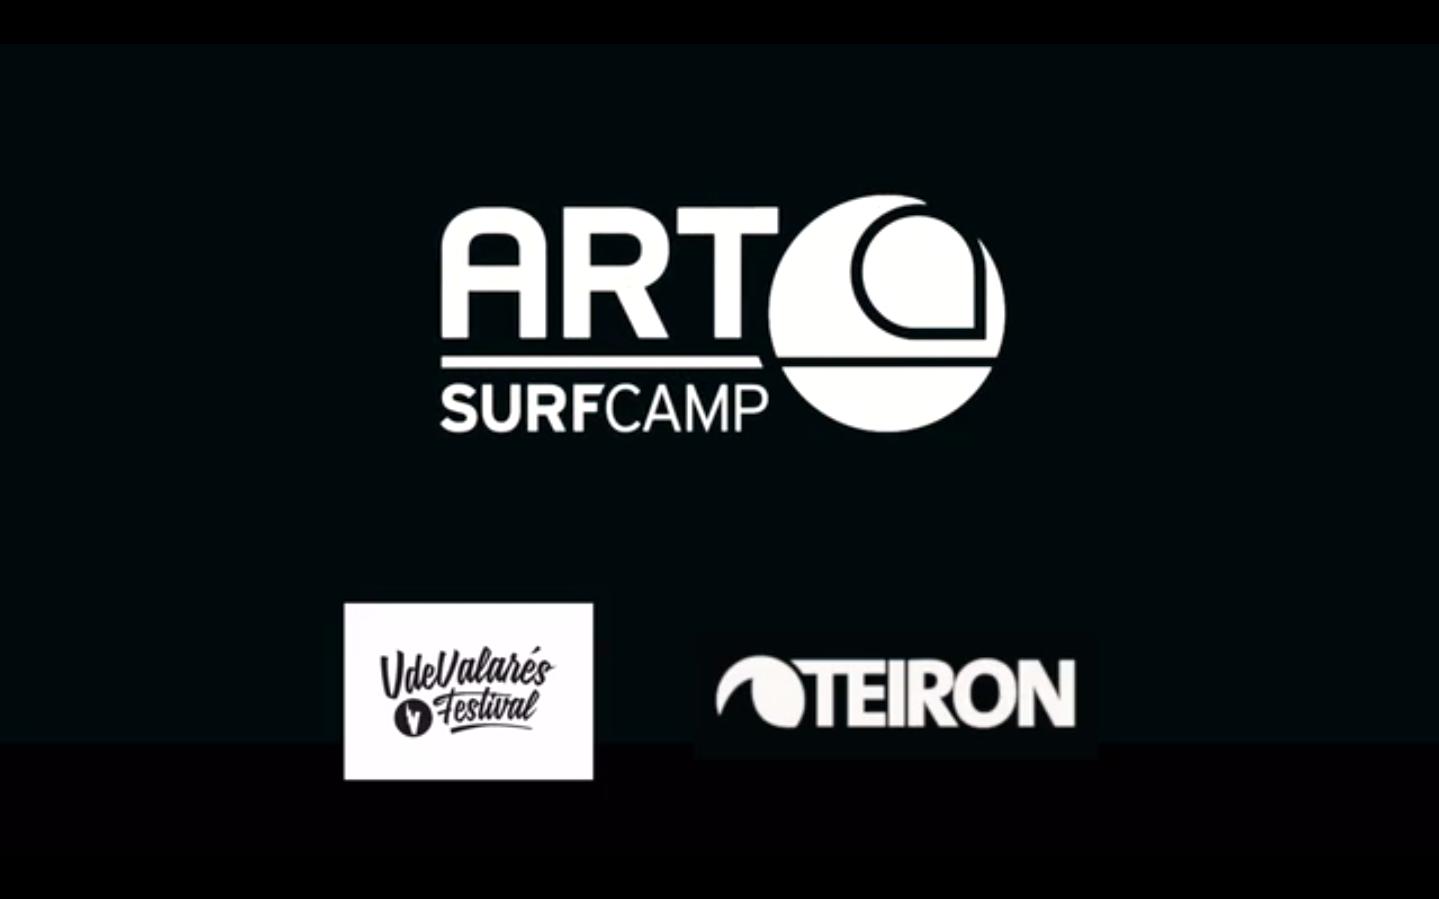 Artsurfcamp, ArtBar y Teironsurf Patrocinan El Festival V De Valarés Por Cuarto Año